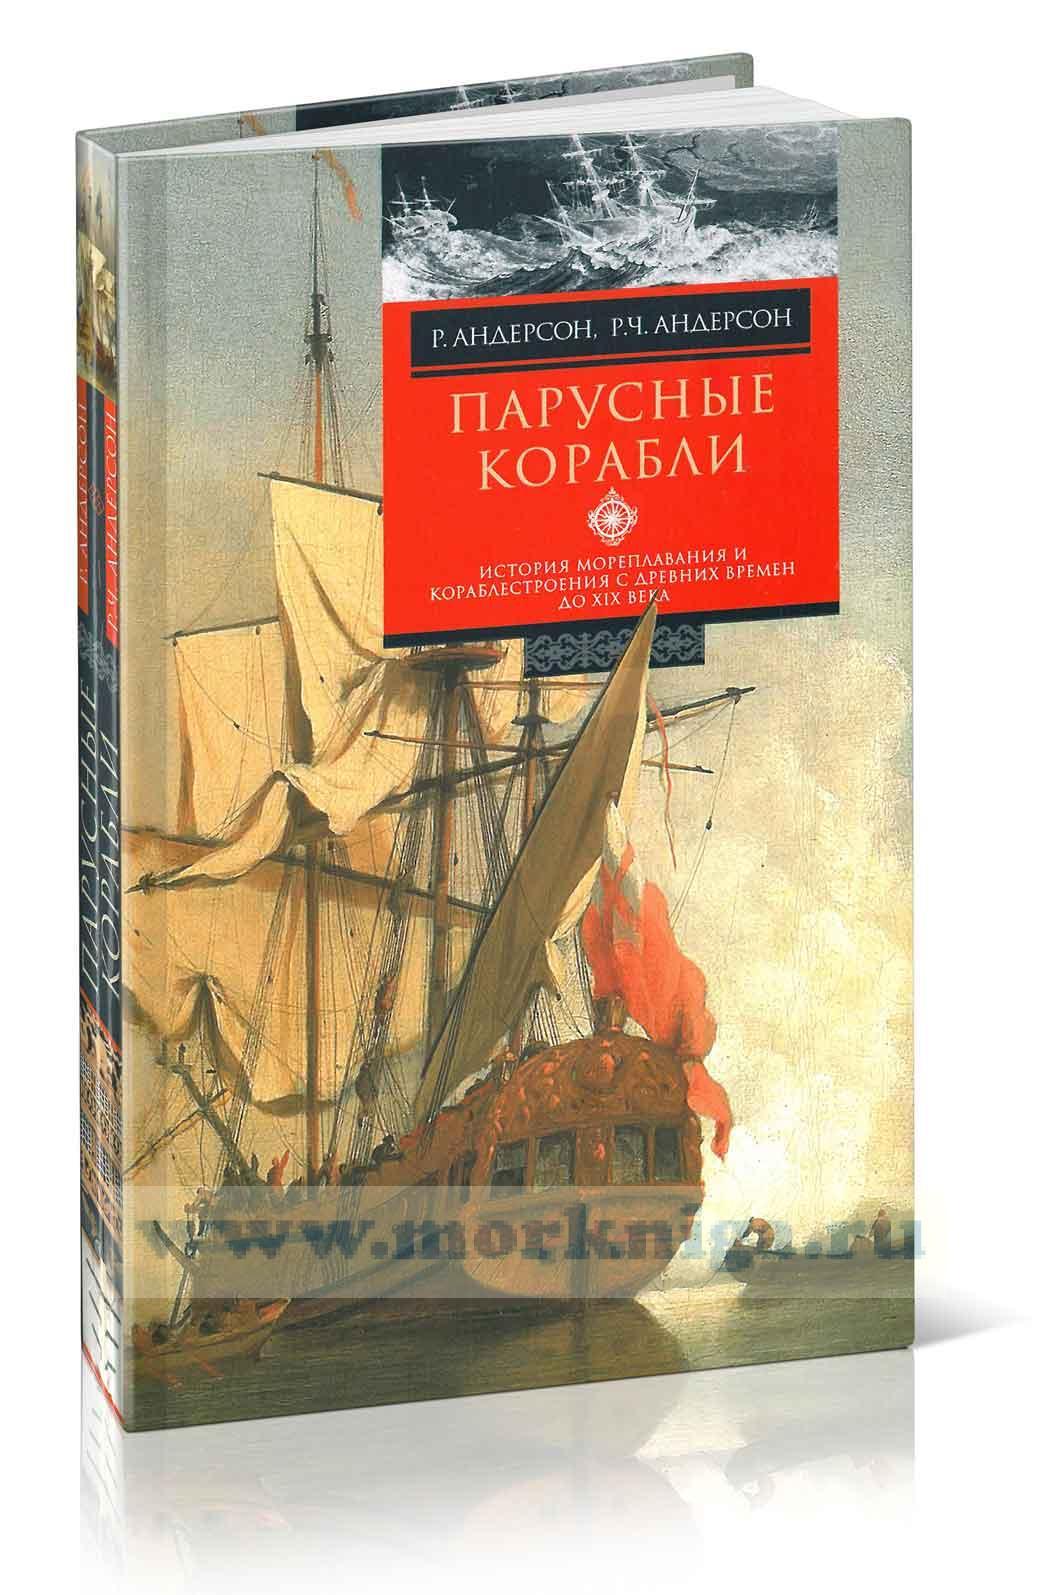 Парусные корабли. История мореплавания и кораблестроения с древних времен до XIX века